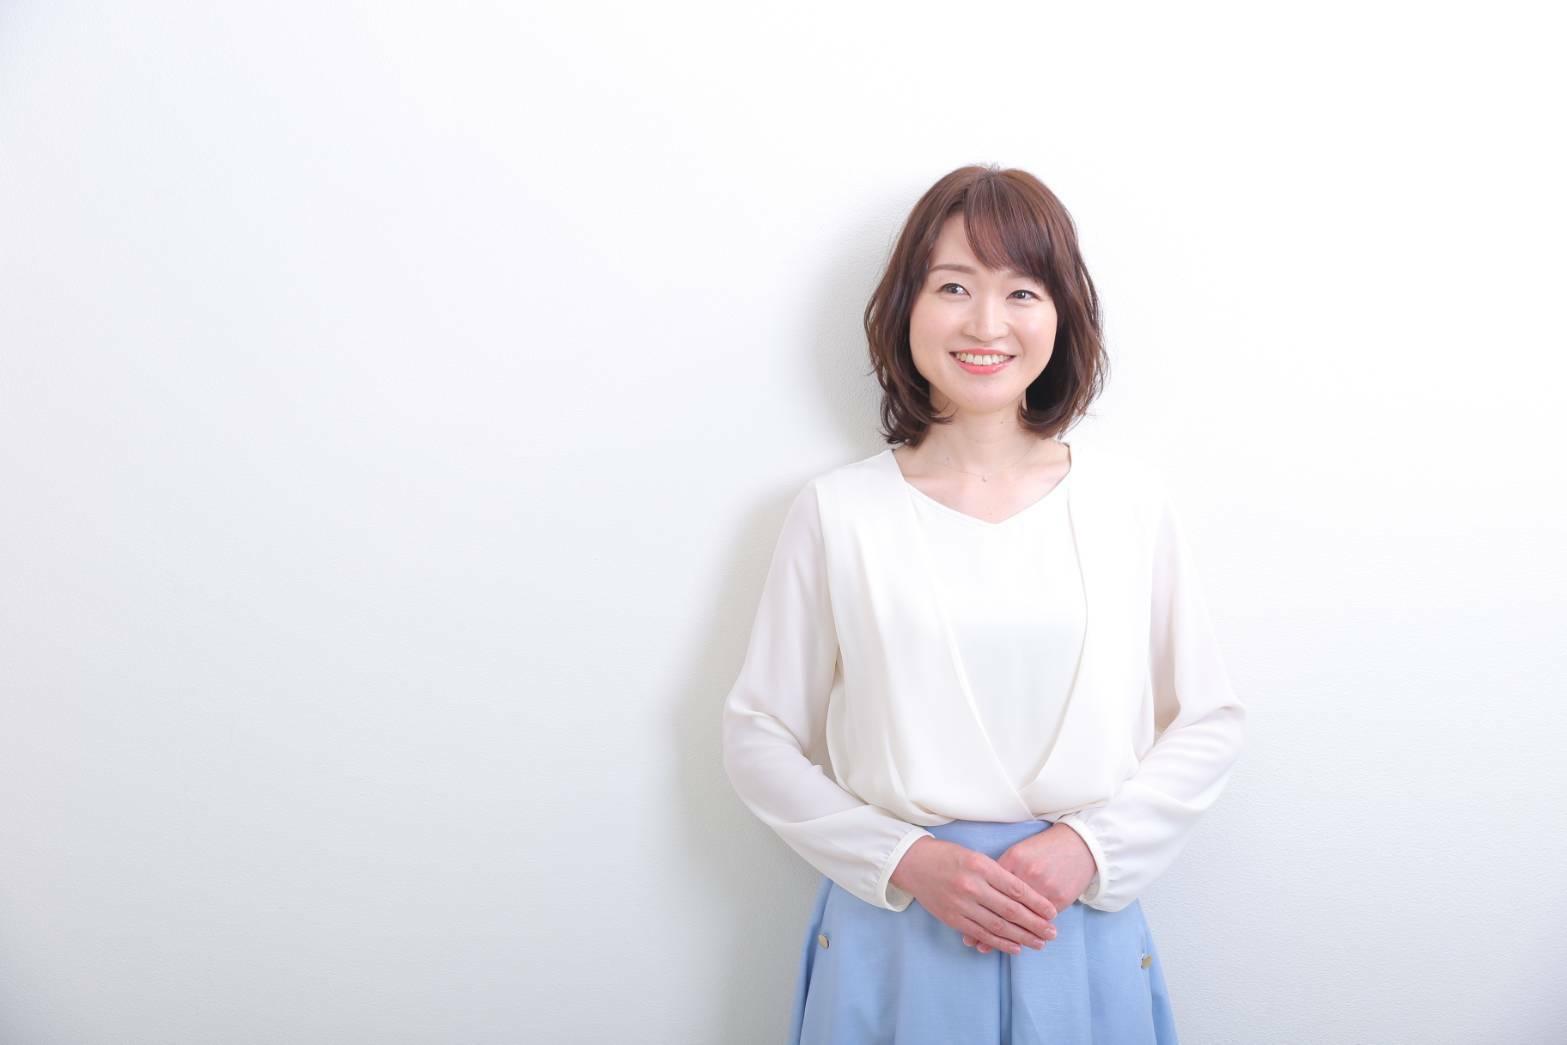 トワルーチェ 福井恵理 towaluce